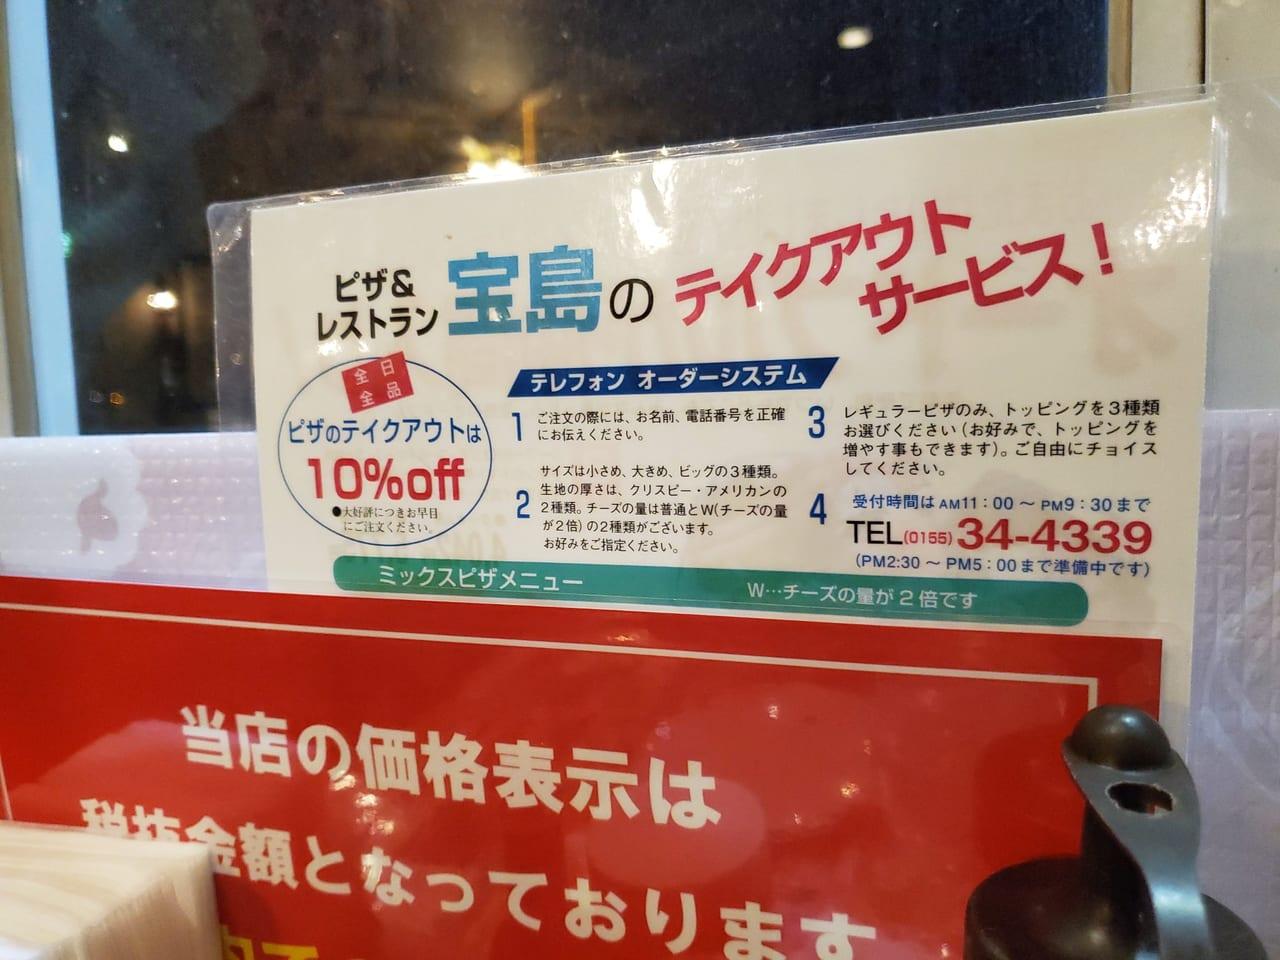 十勝 帯広 ピザ テイクアウト 10%OFF